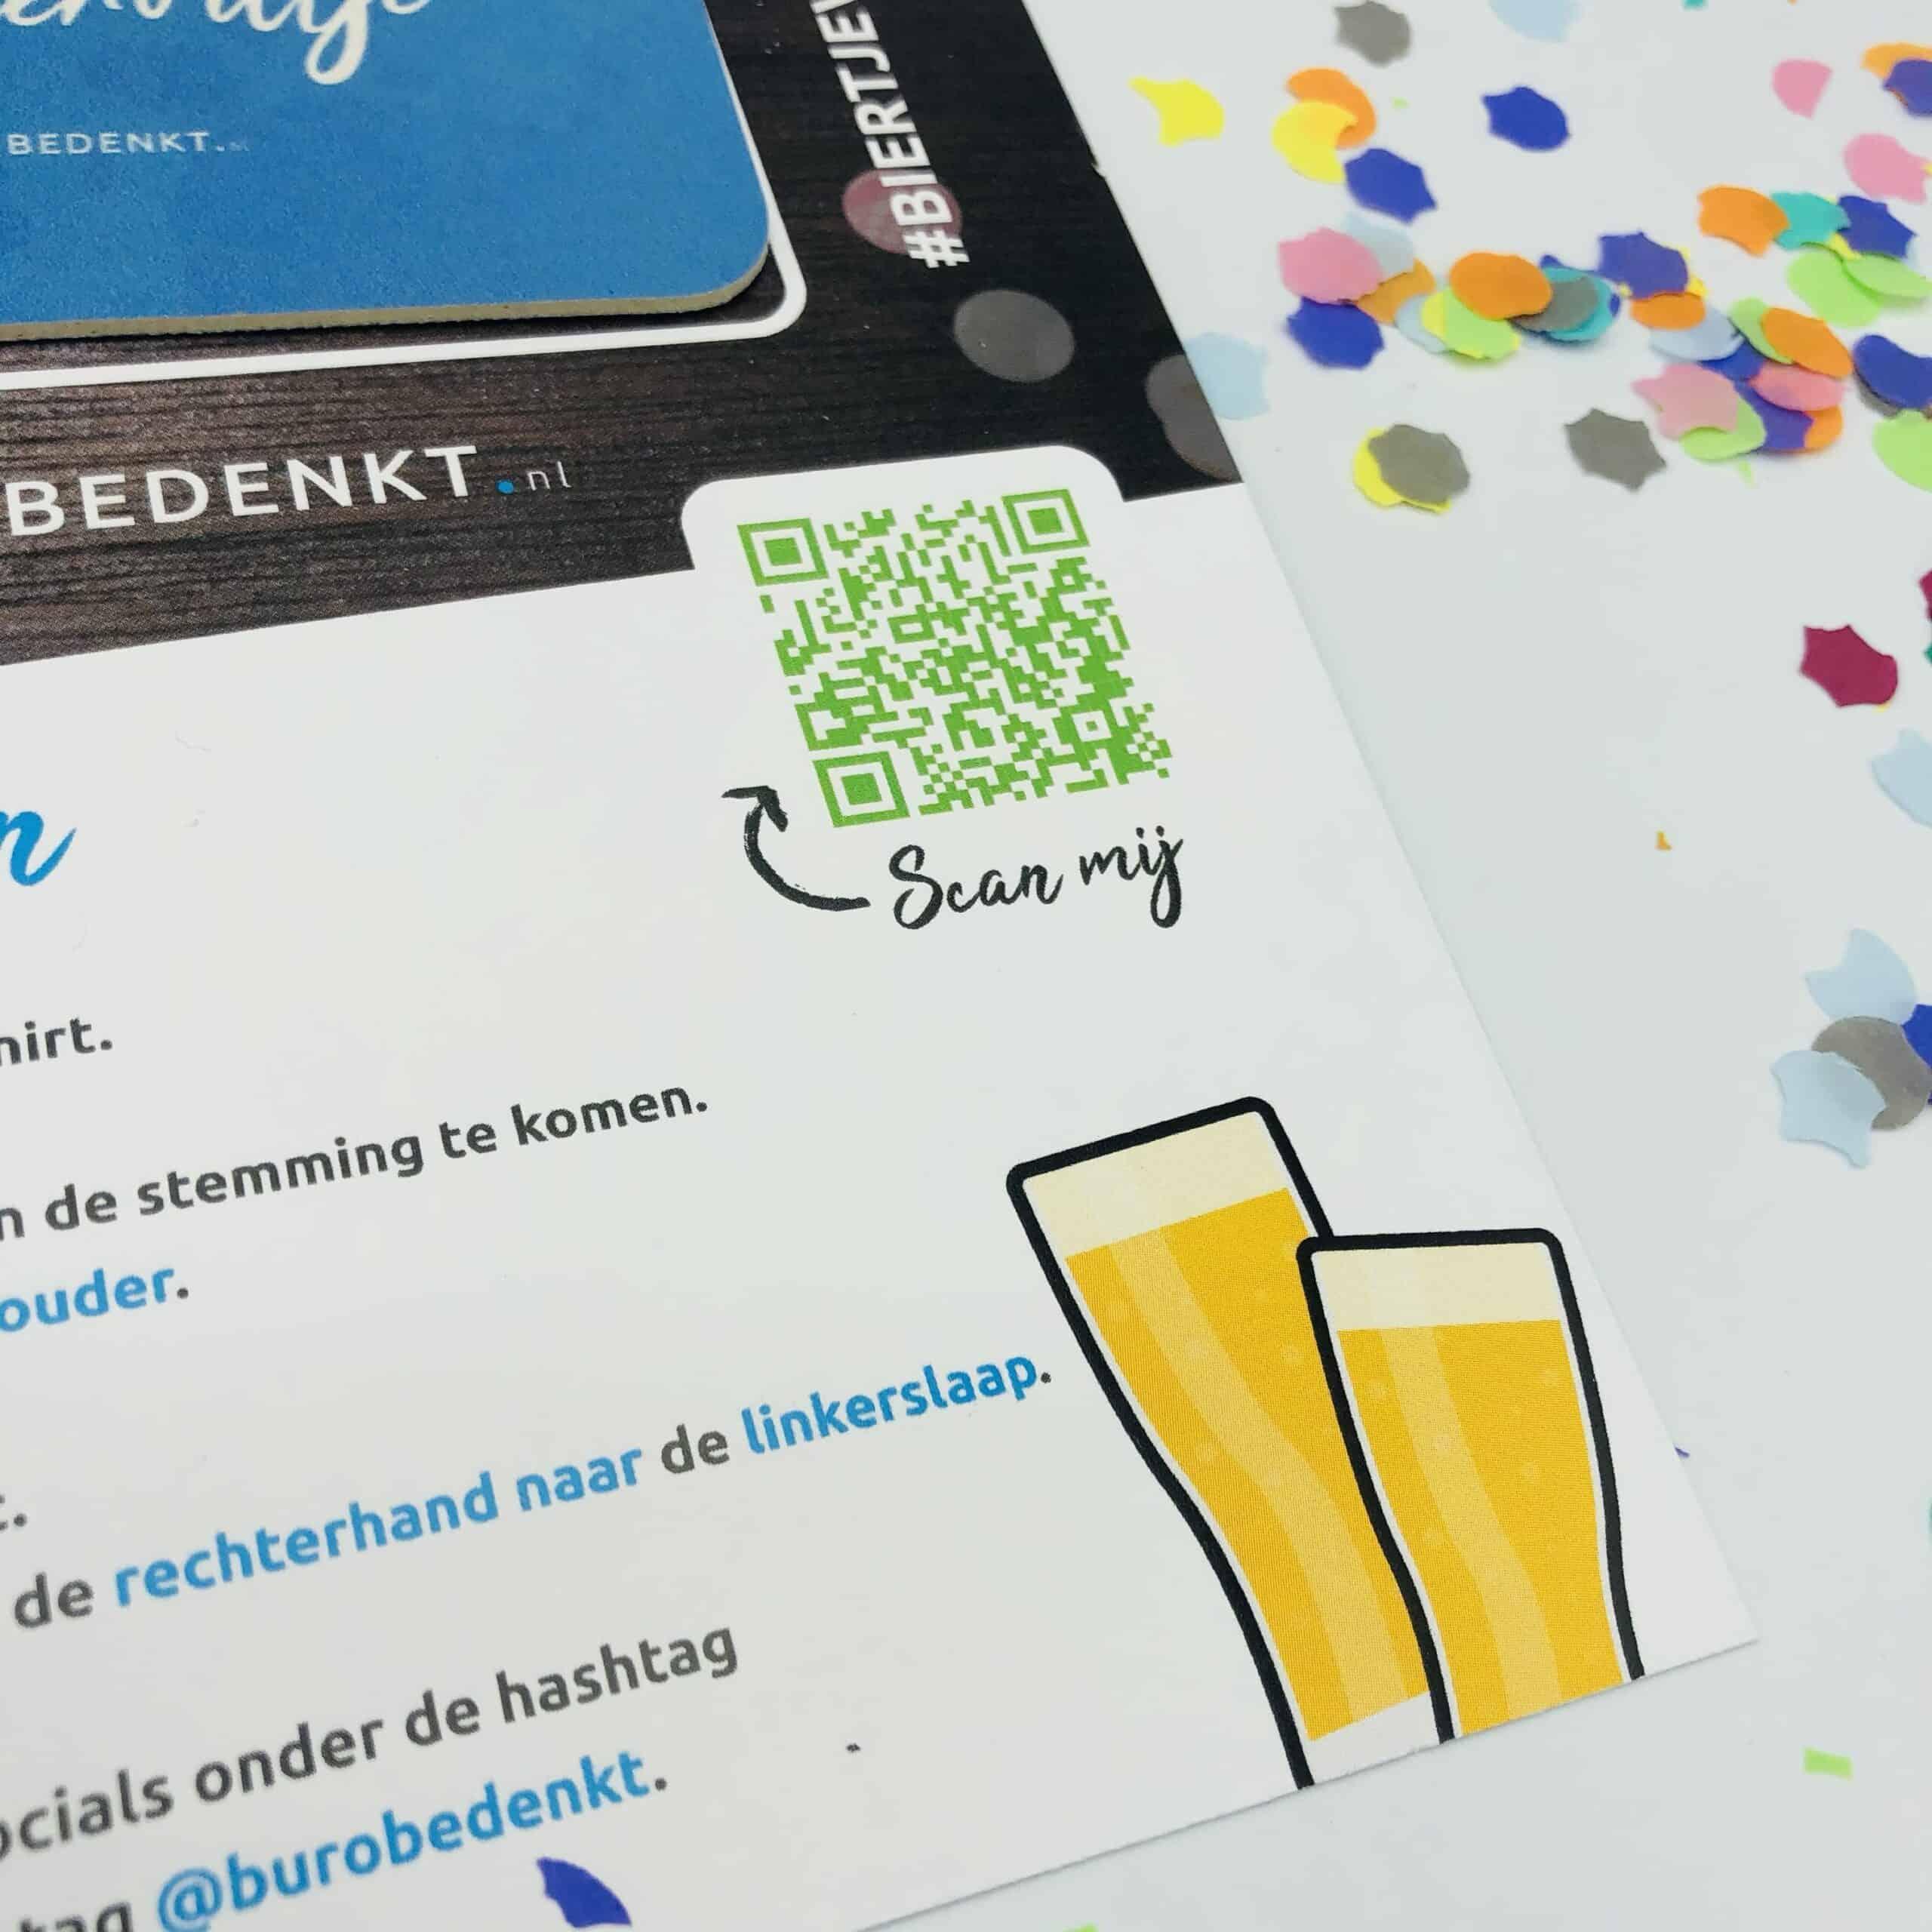 Blog_Carnavalsactie-biertje-van-burobedenkt